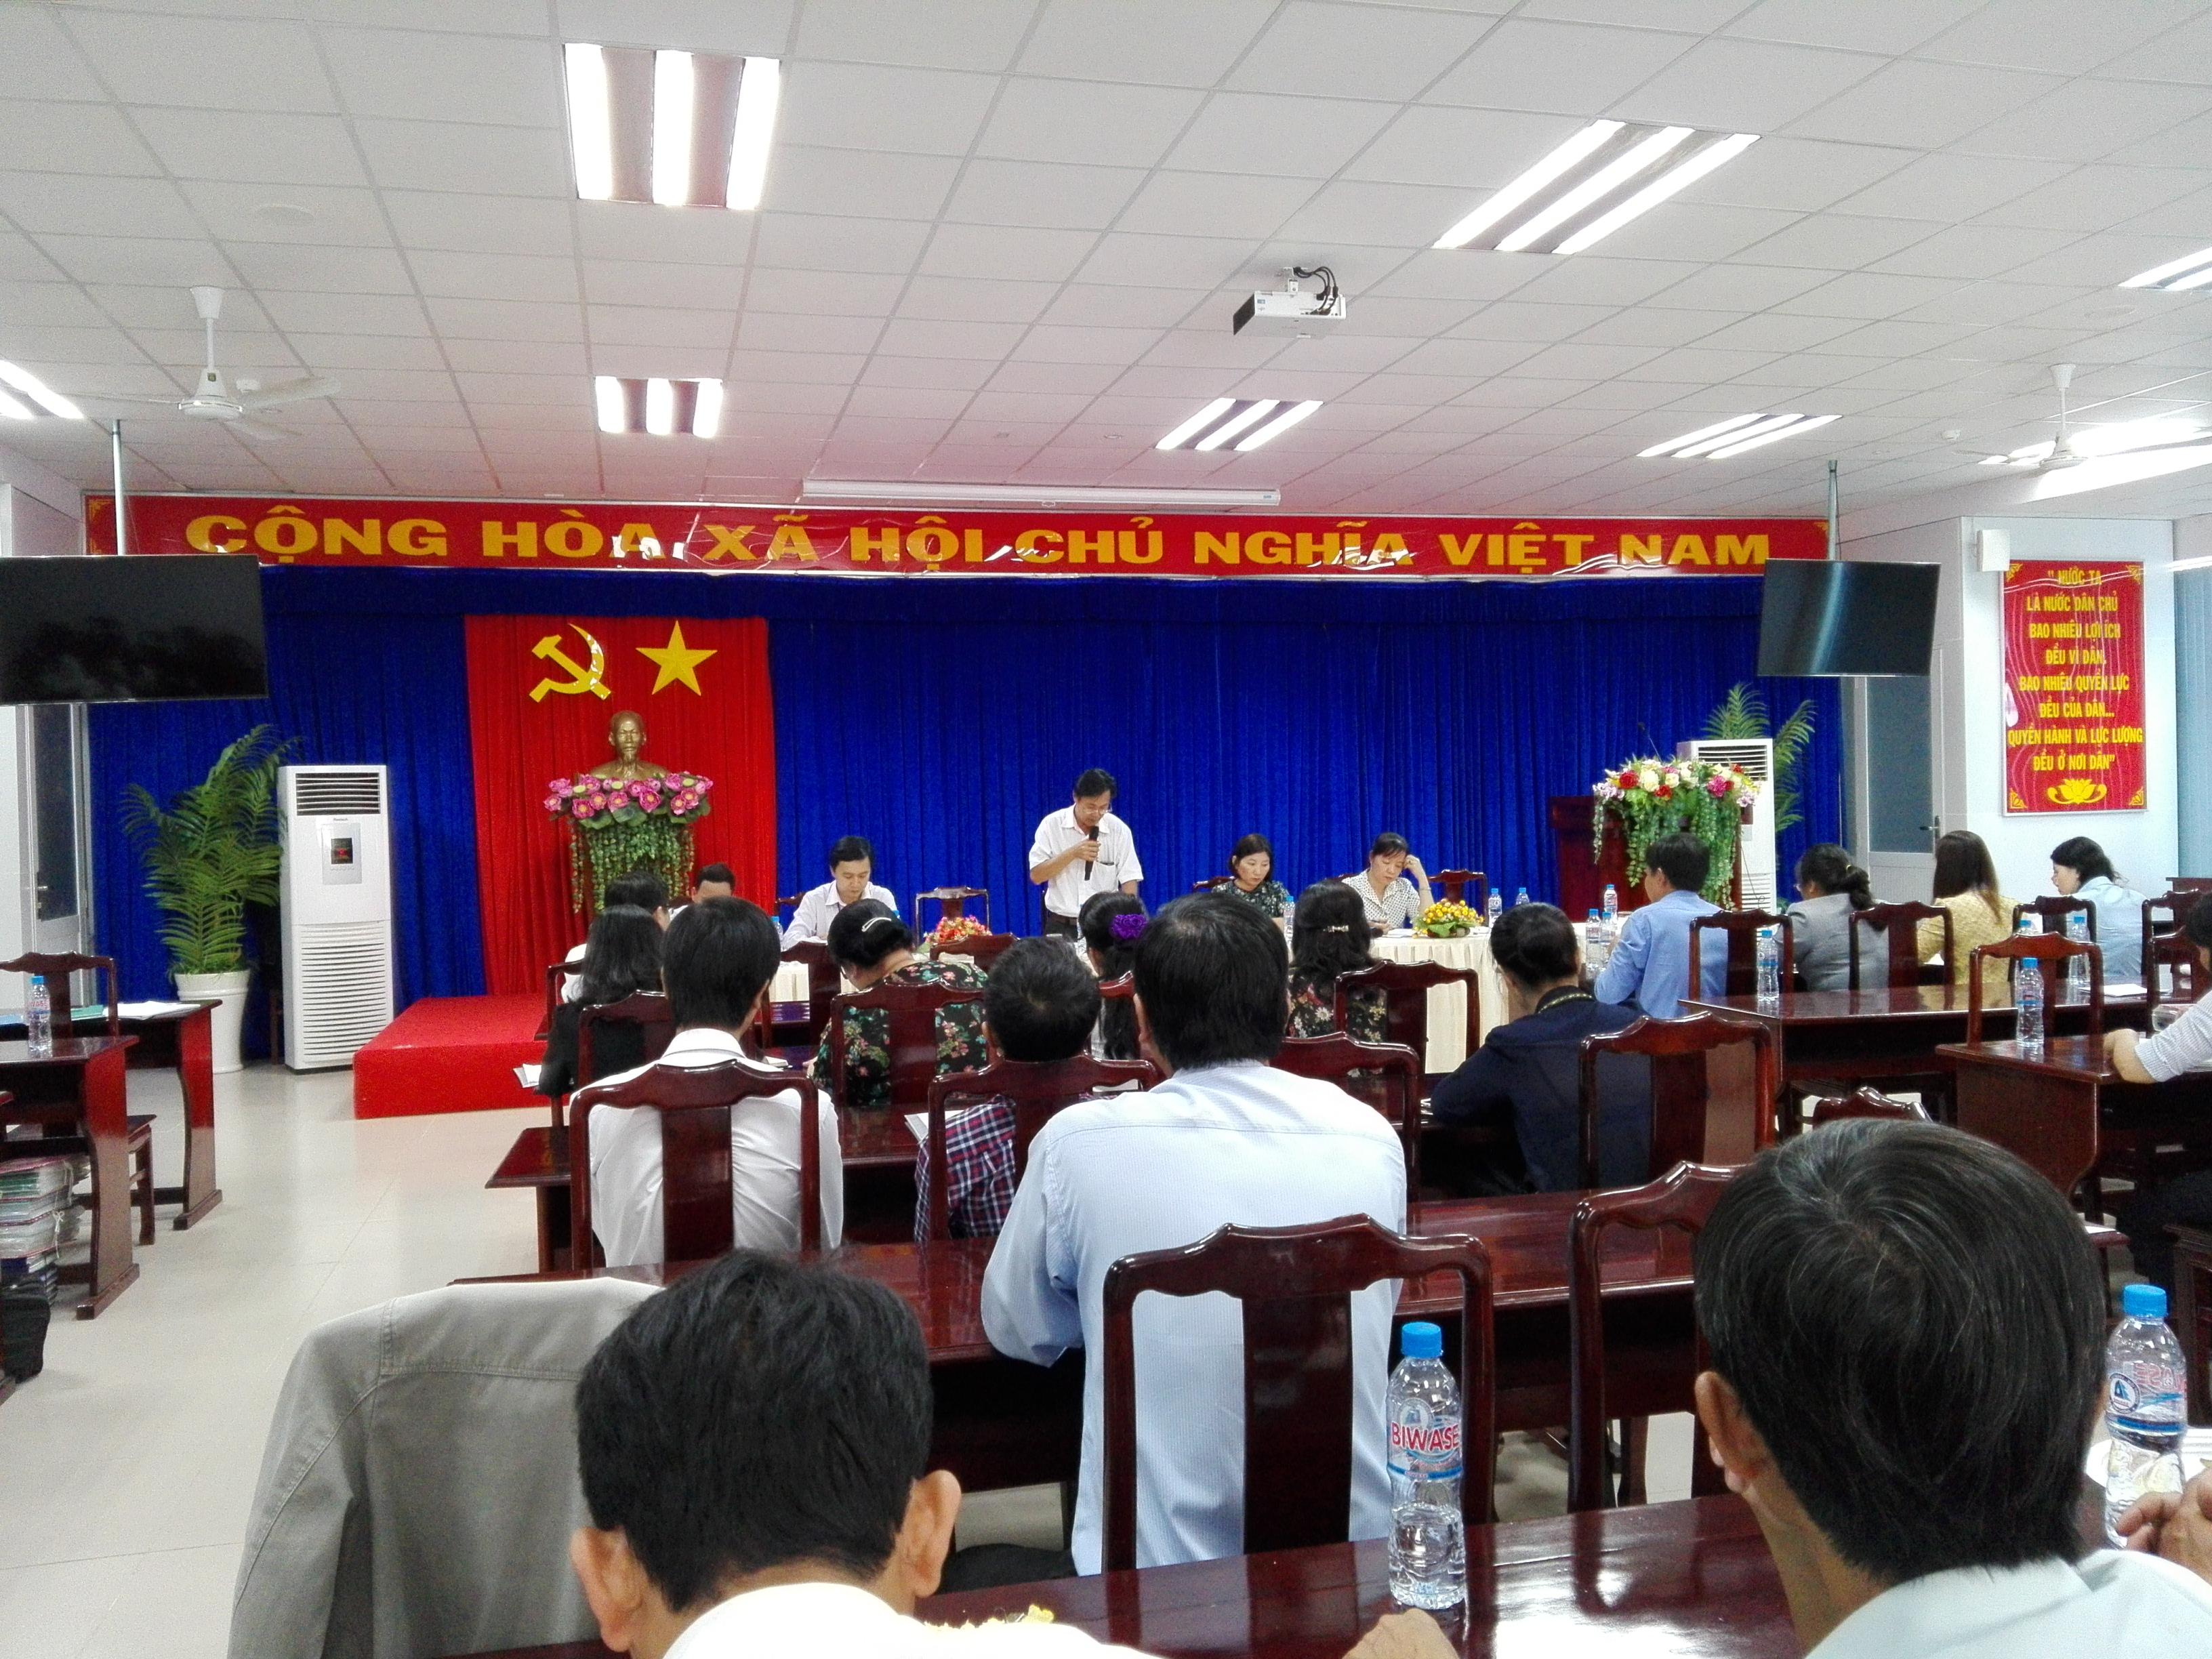 KIỂM TRA CÔNG NHẬN ĐẠT CHUẨN CMC-PCGD NĂM 2017